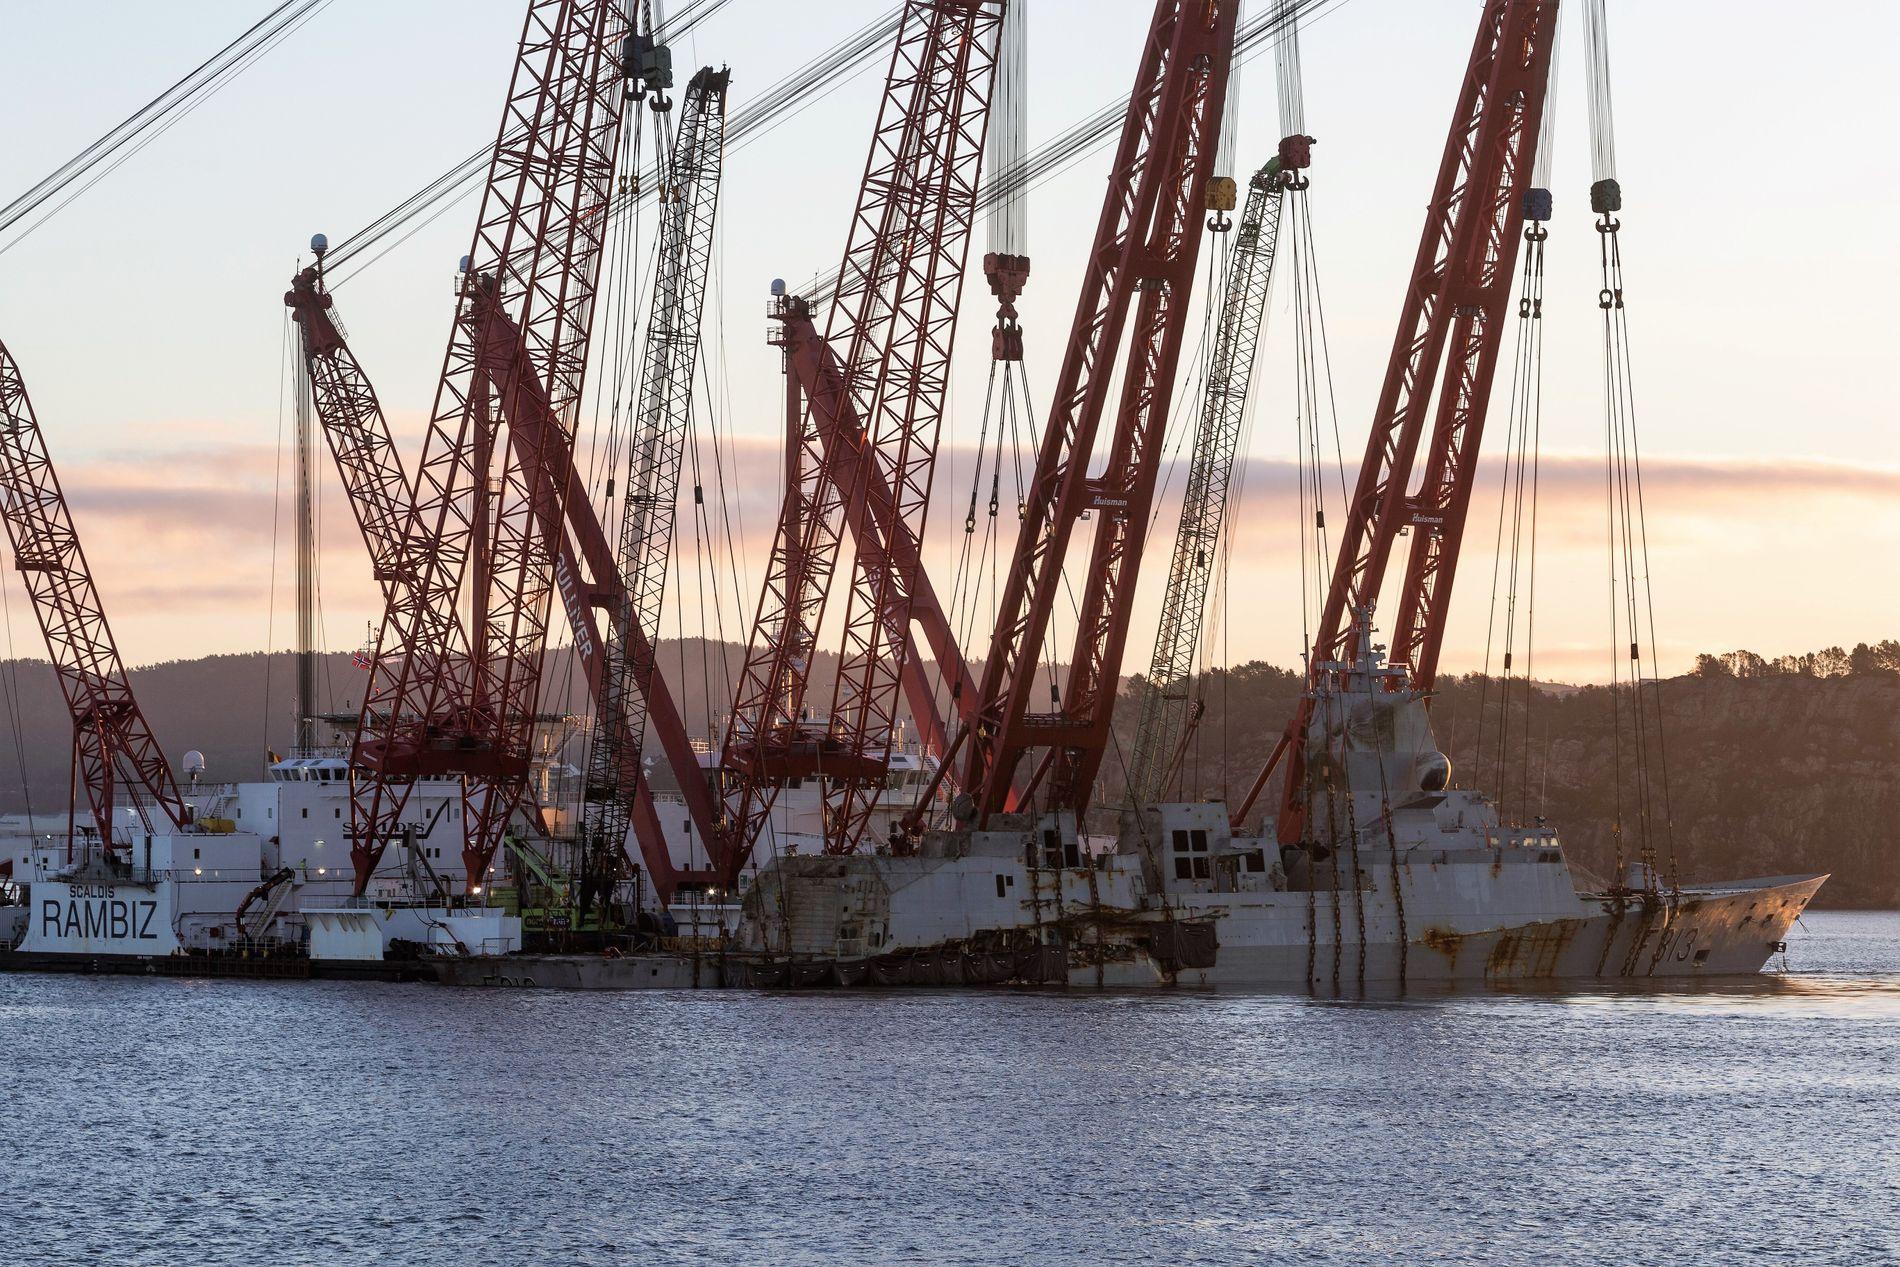 VED HANØYTANGEN: Hevingsledelen har smul havn og kan fortsette uten problemer med havdønning og vind ved Hanøytangen. Det ventes at fregatten er ferdig hevet i morgen fredag, og kan transporteres til Haakonsvern.